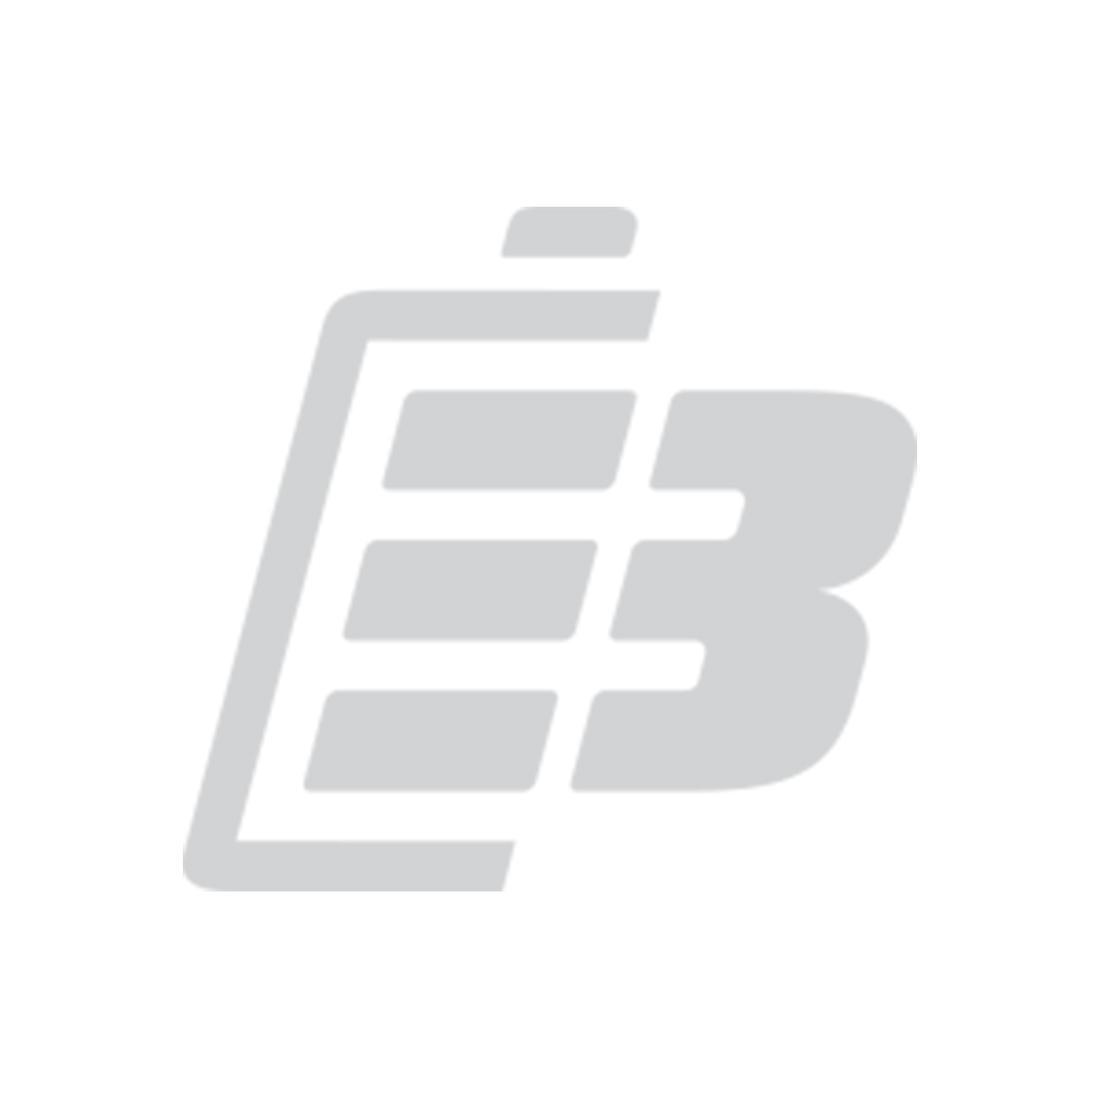 Barcode scanner battery Symbol PDT8100_1